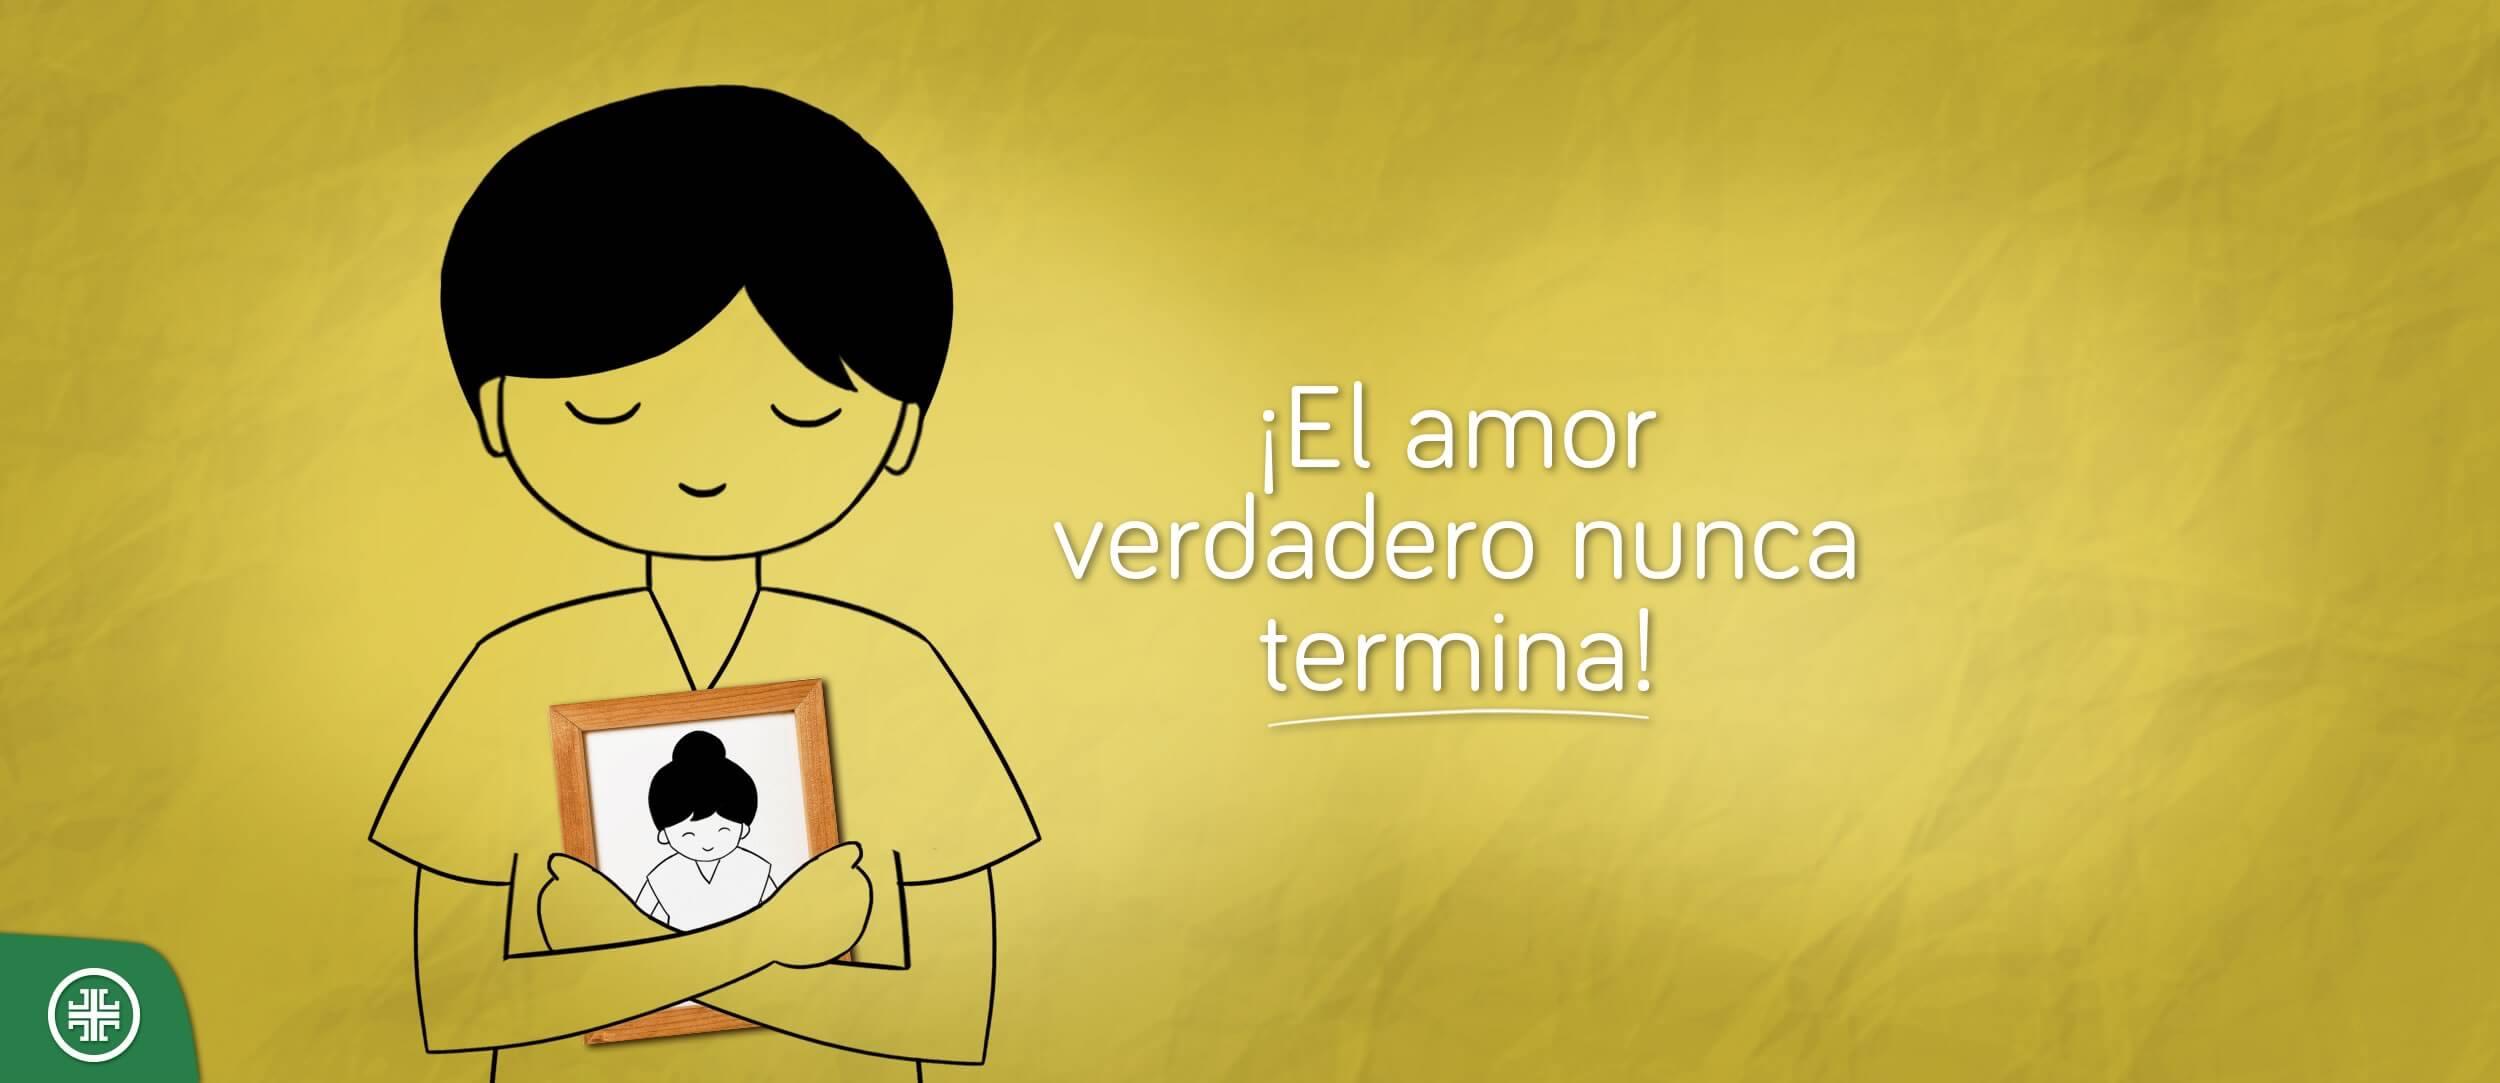 ¡El amor verdadero nunca termina!